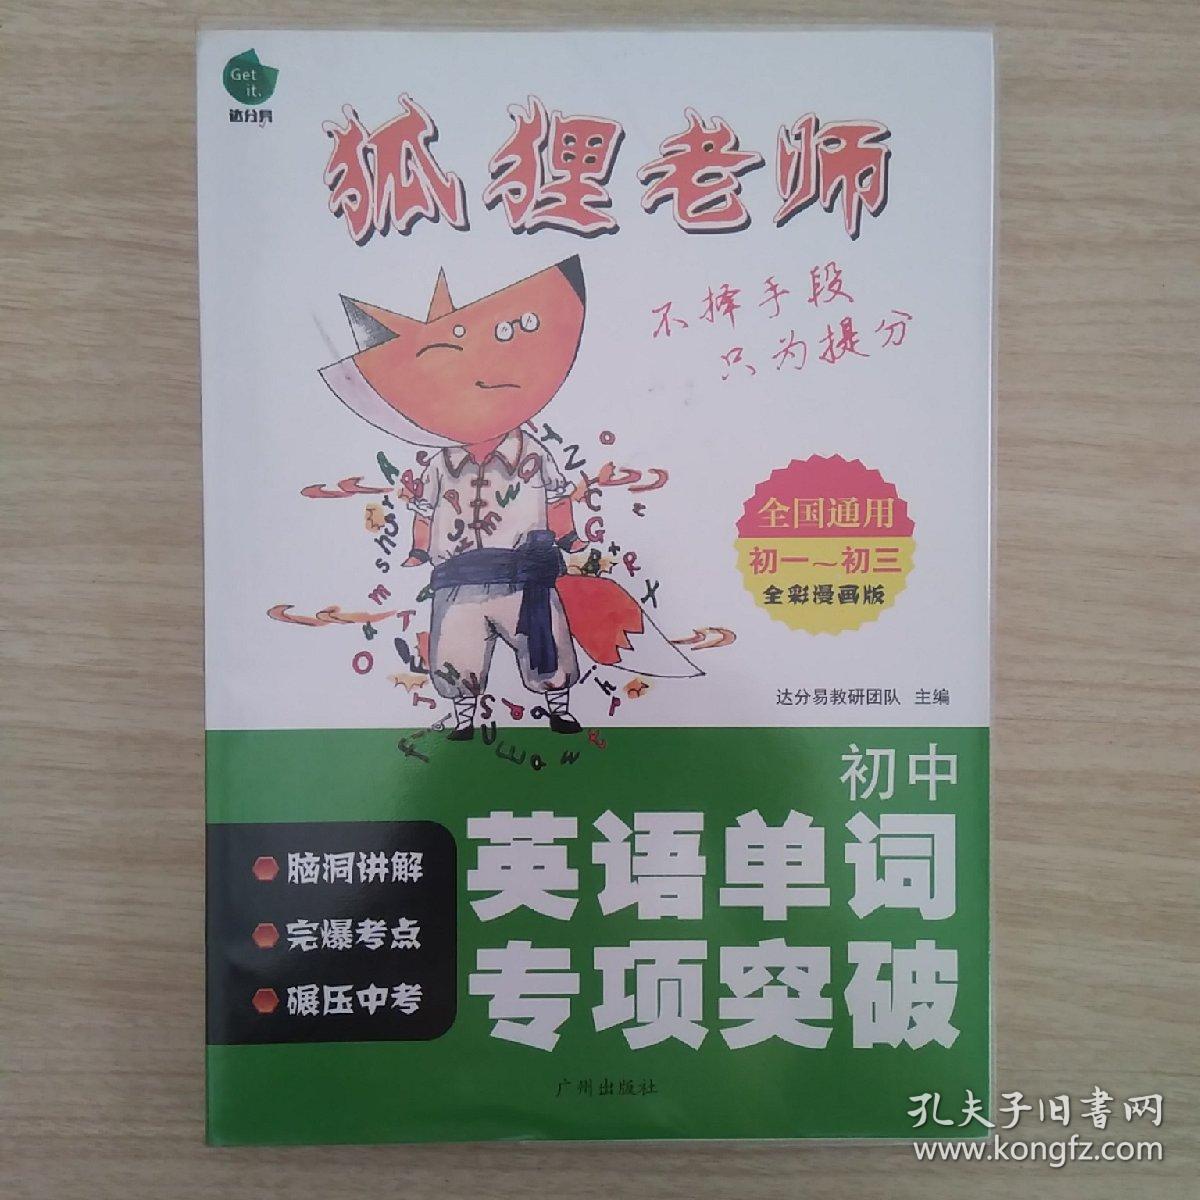 狐狸老师 初中英语单词专项突破(带透明封套)